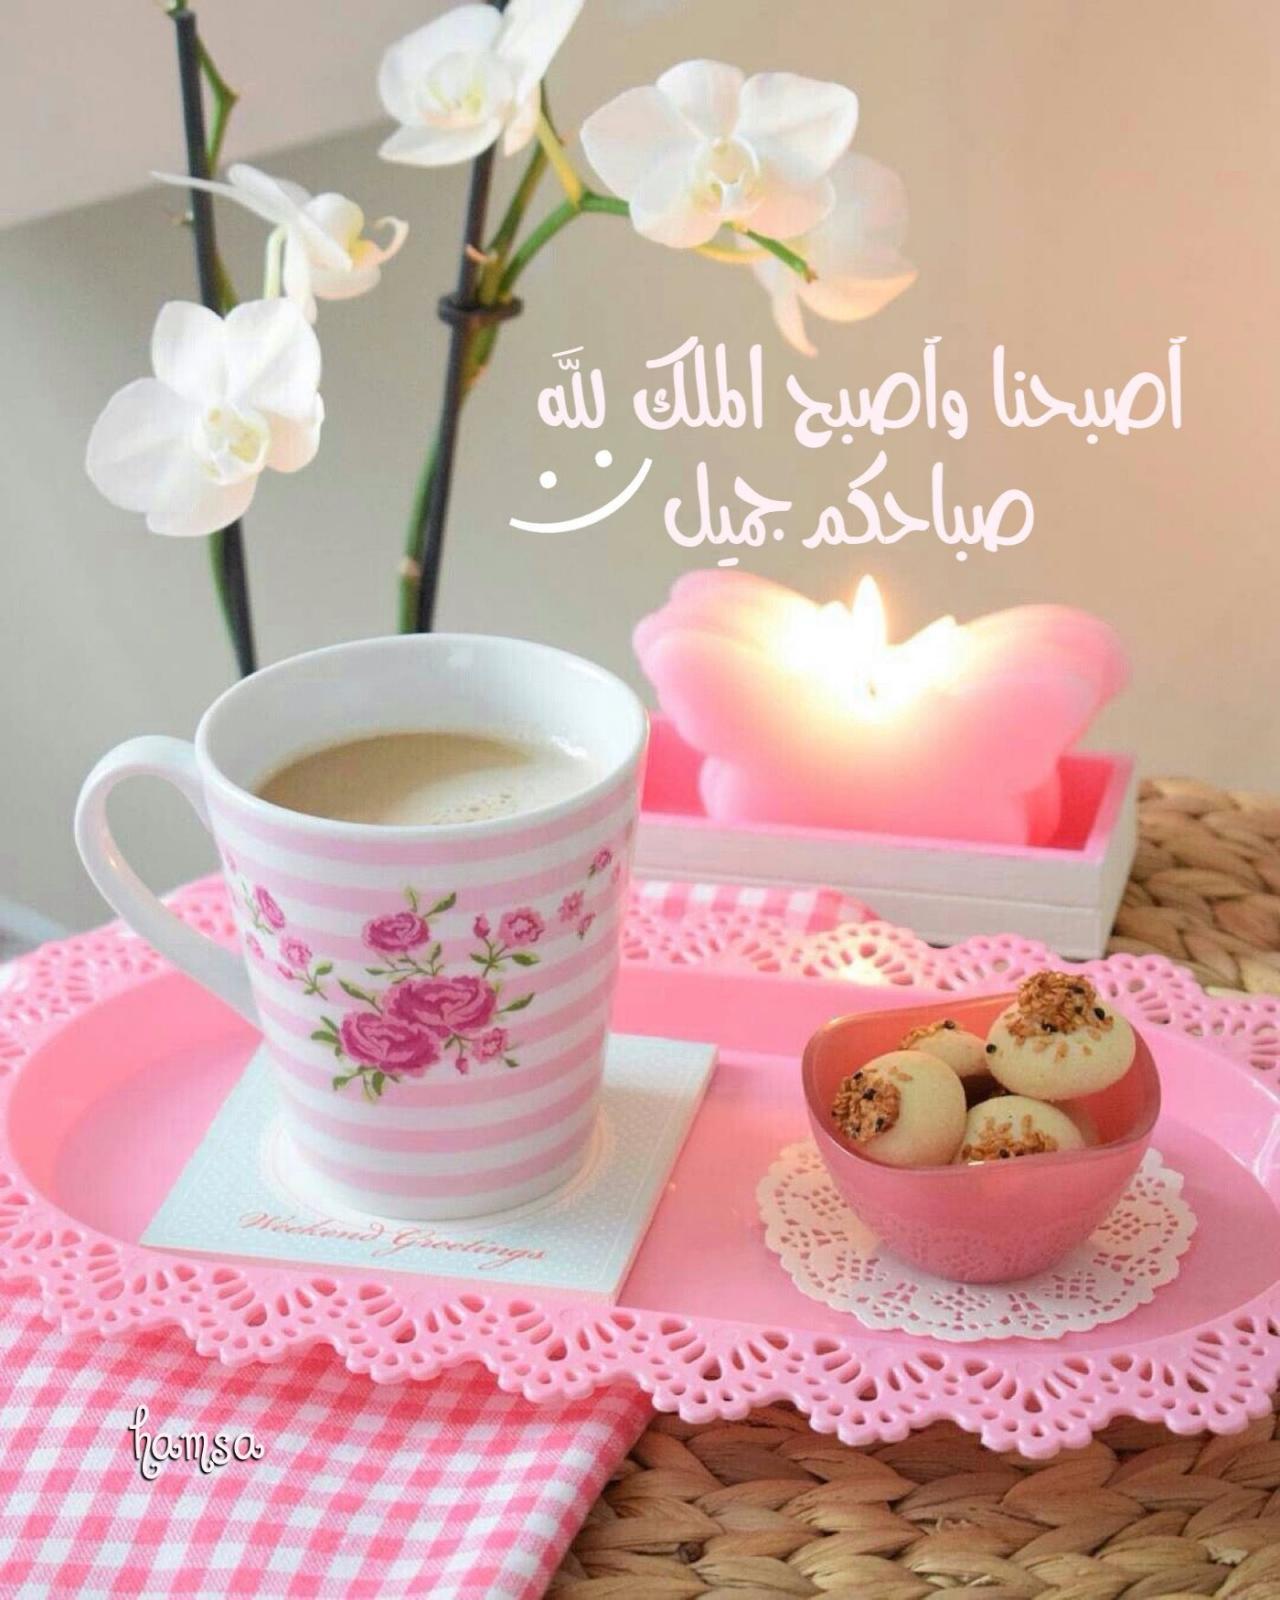 اجمل الصور صباح الخير صور صباح الخير للفيس بوك رمزيات